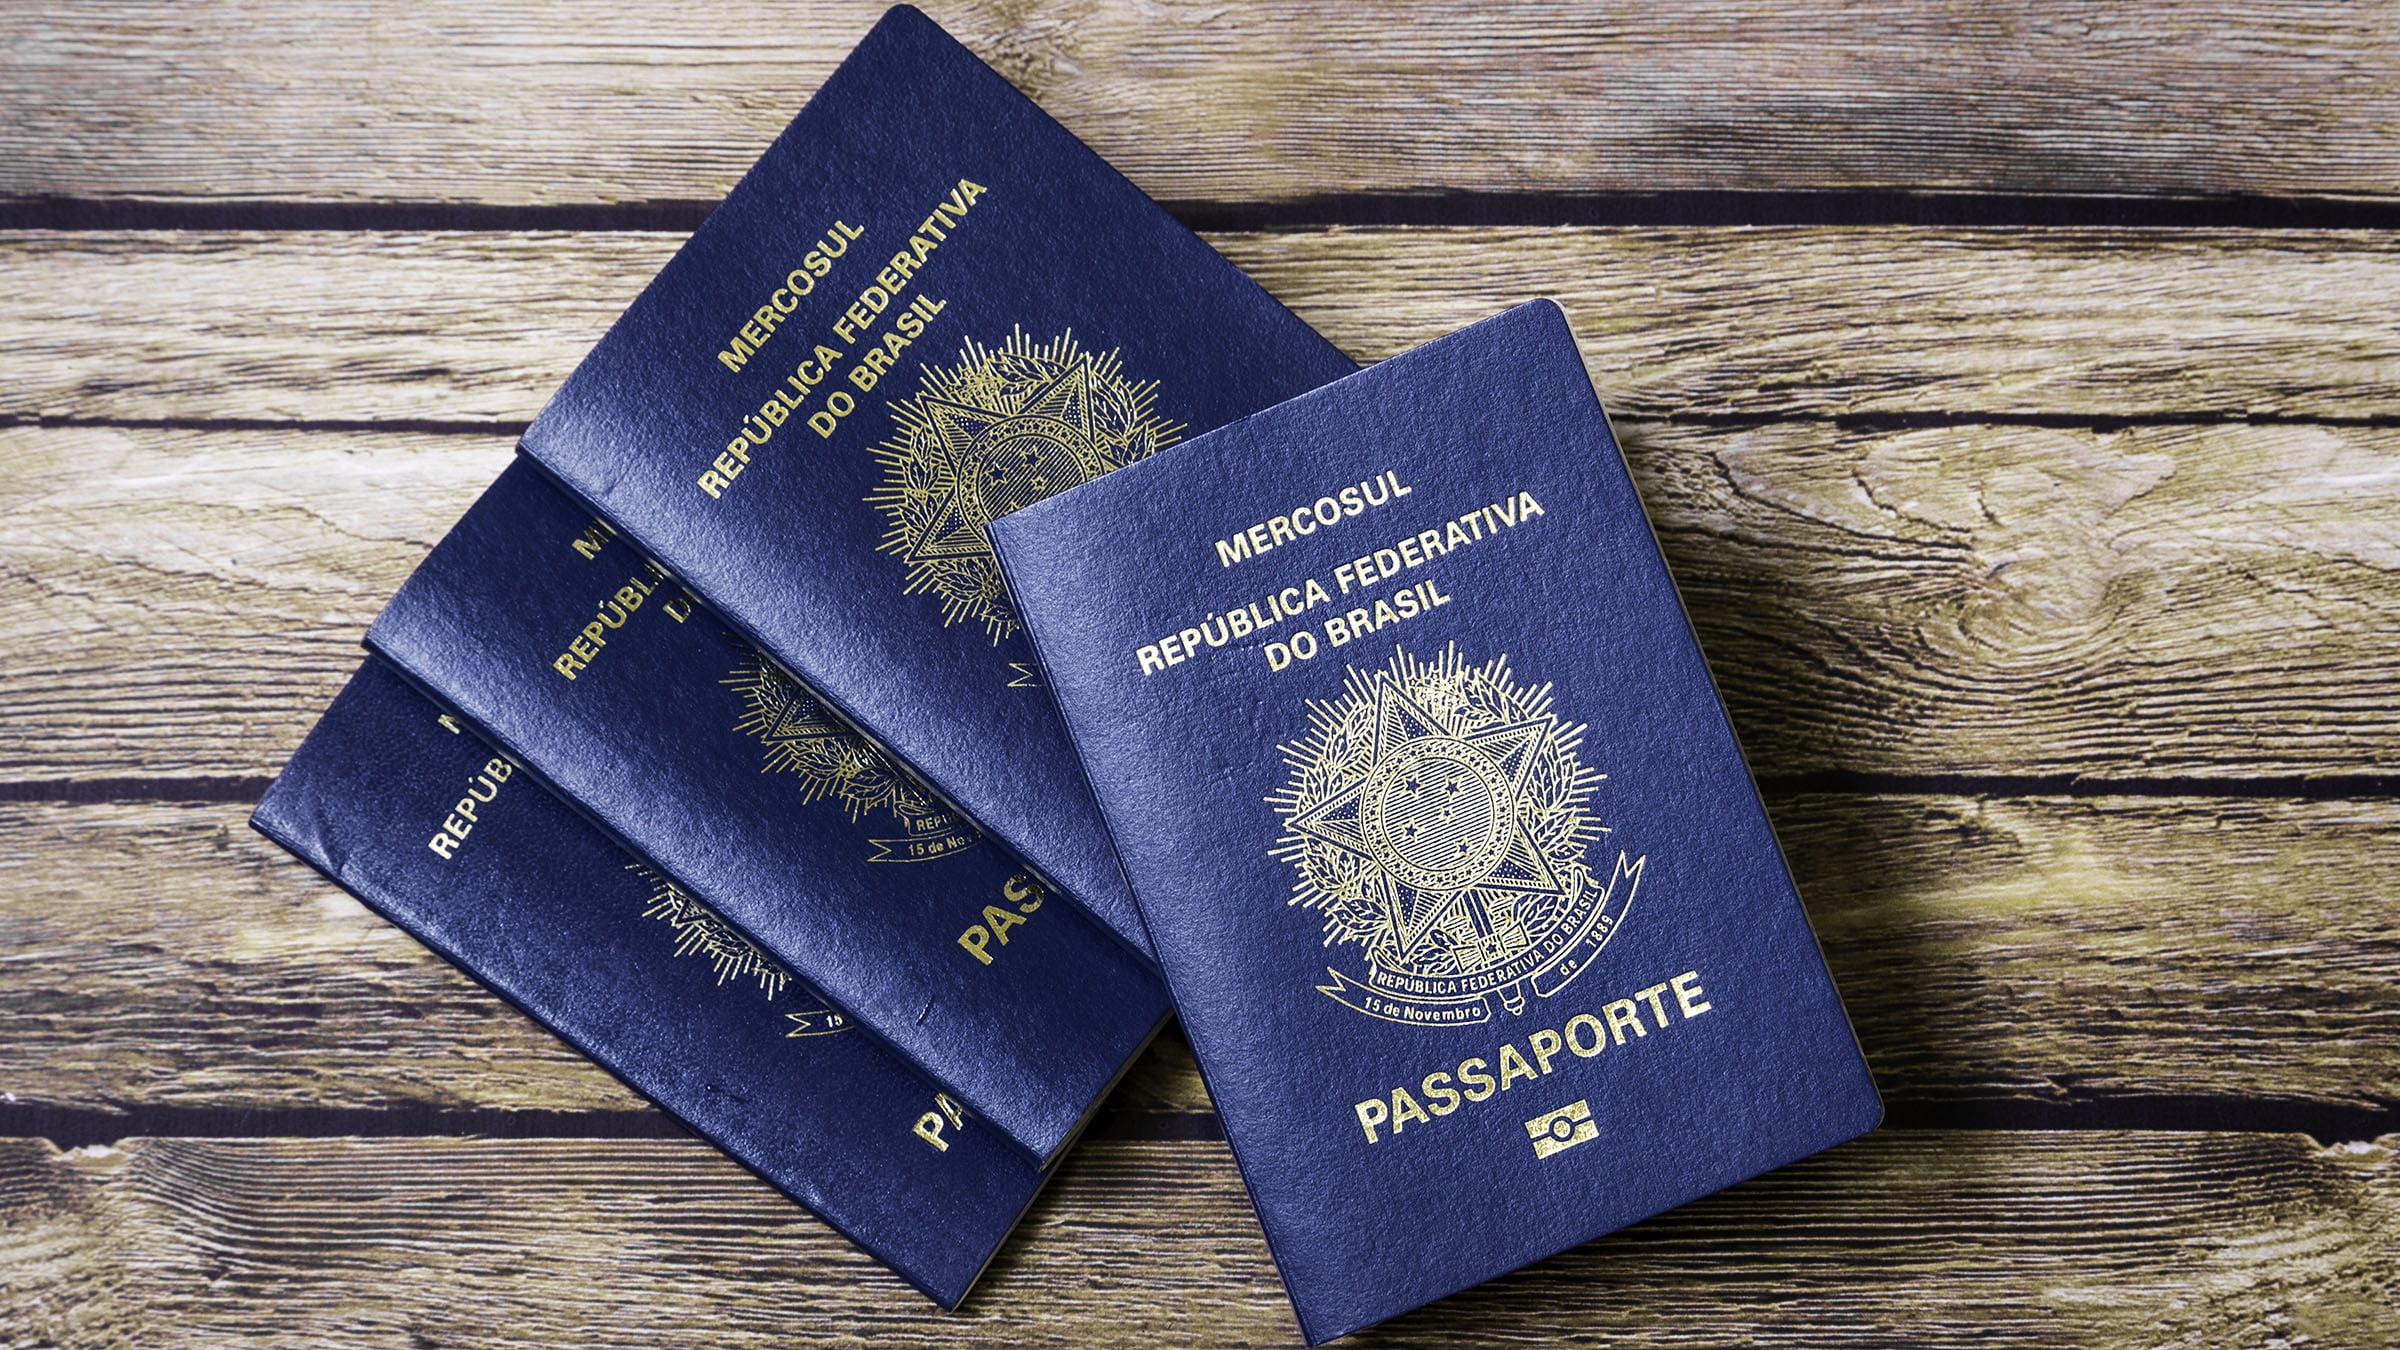 Fotos urgentes para pasaporte df domingo 23